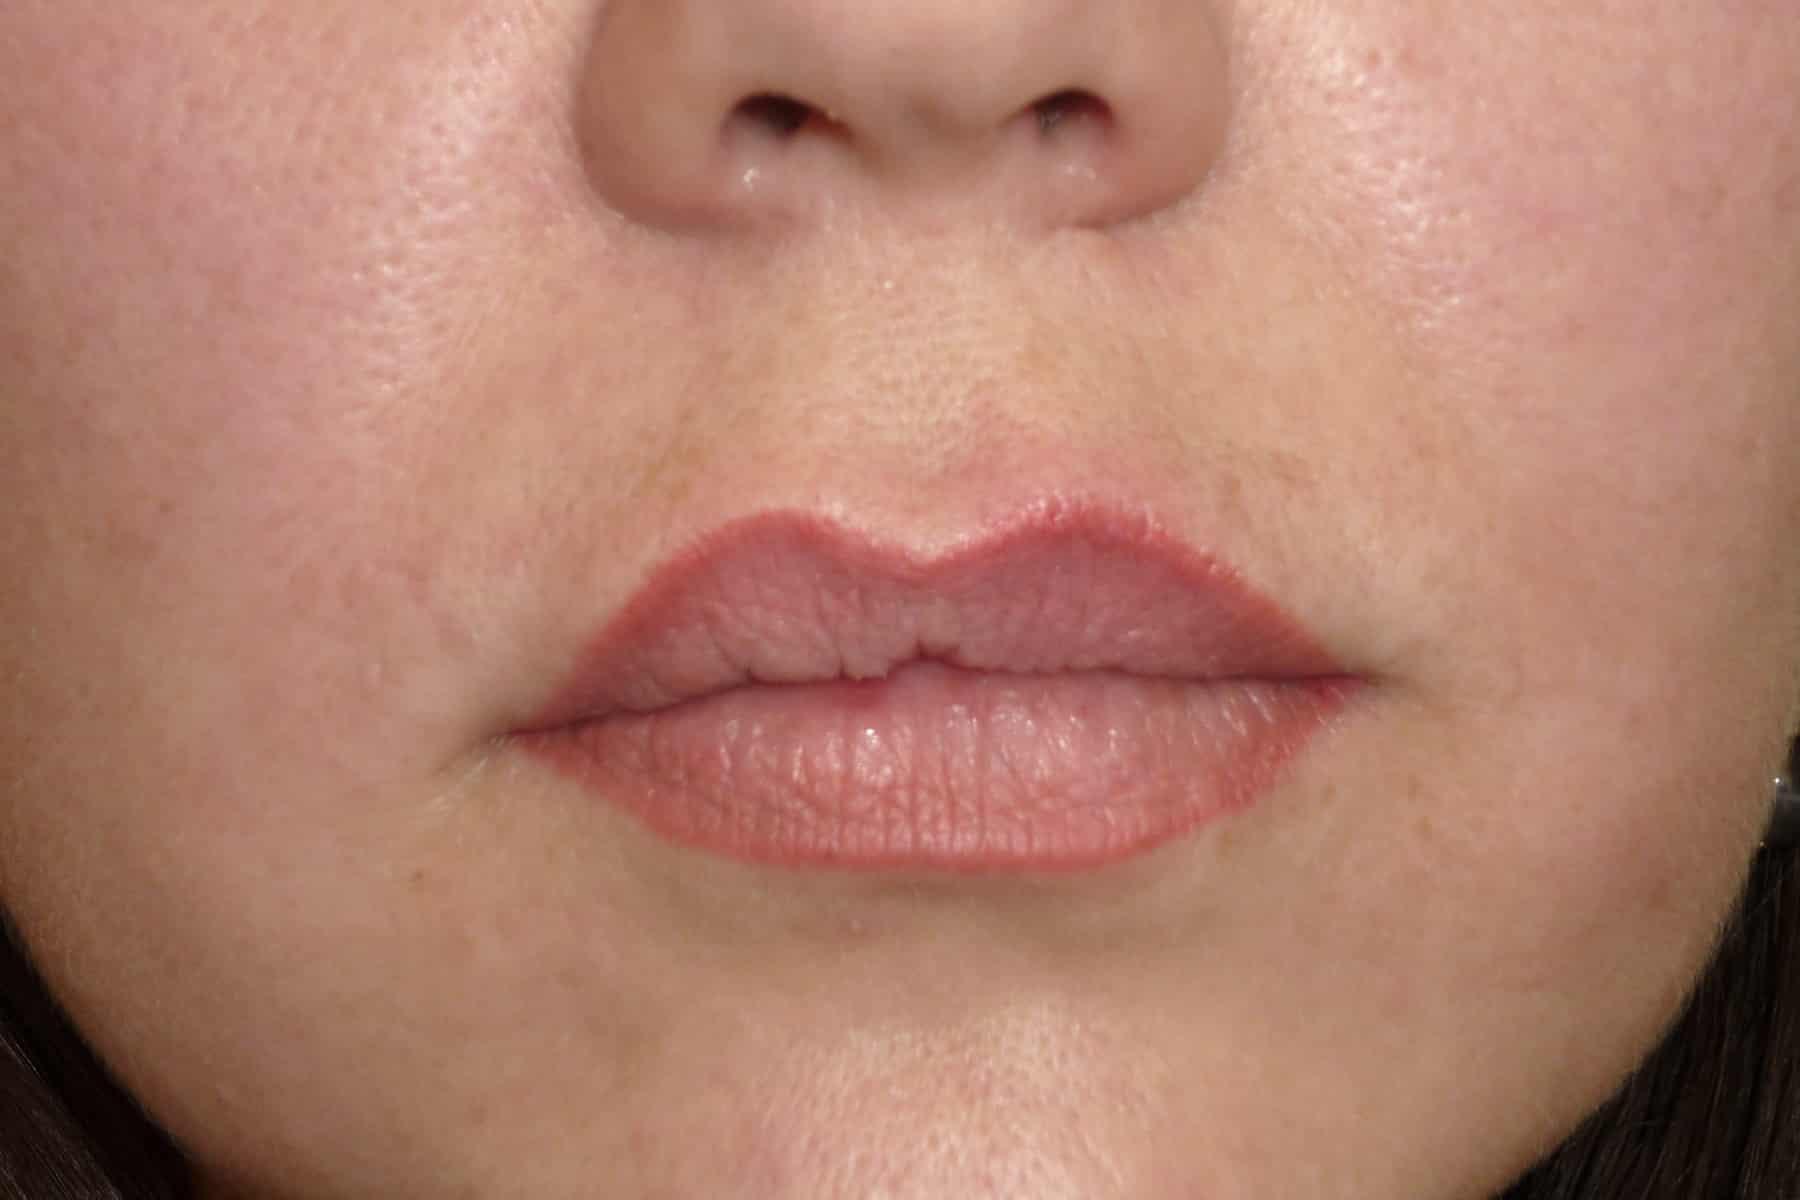 резкая складка на губе